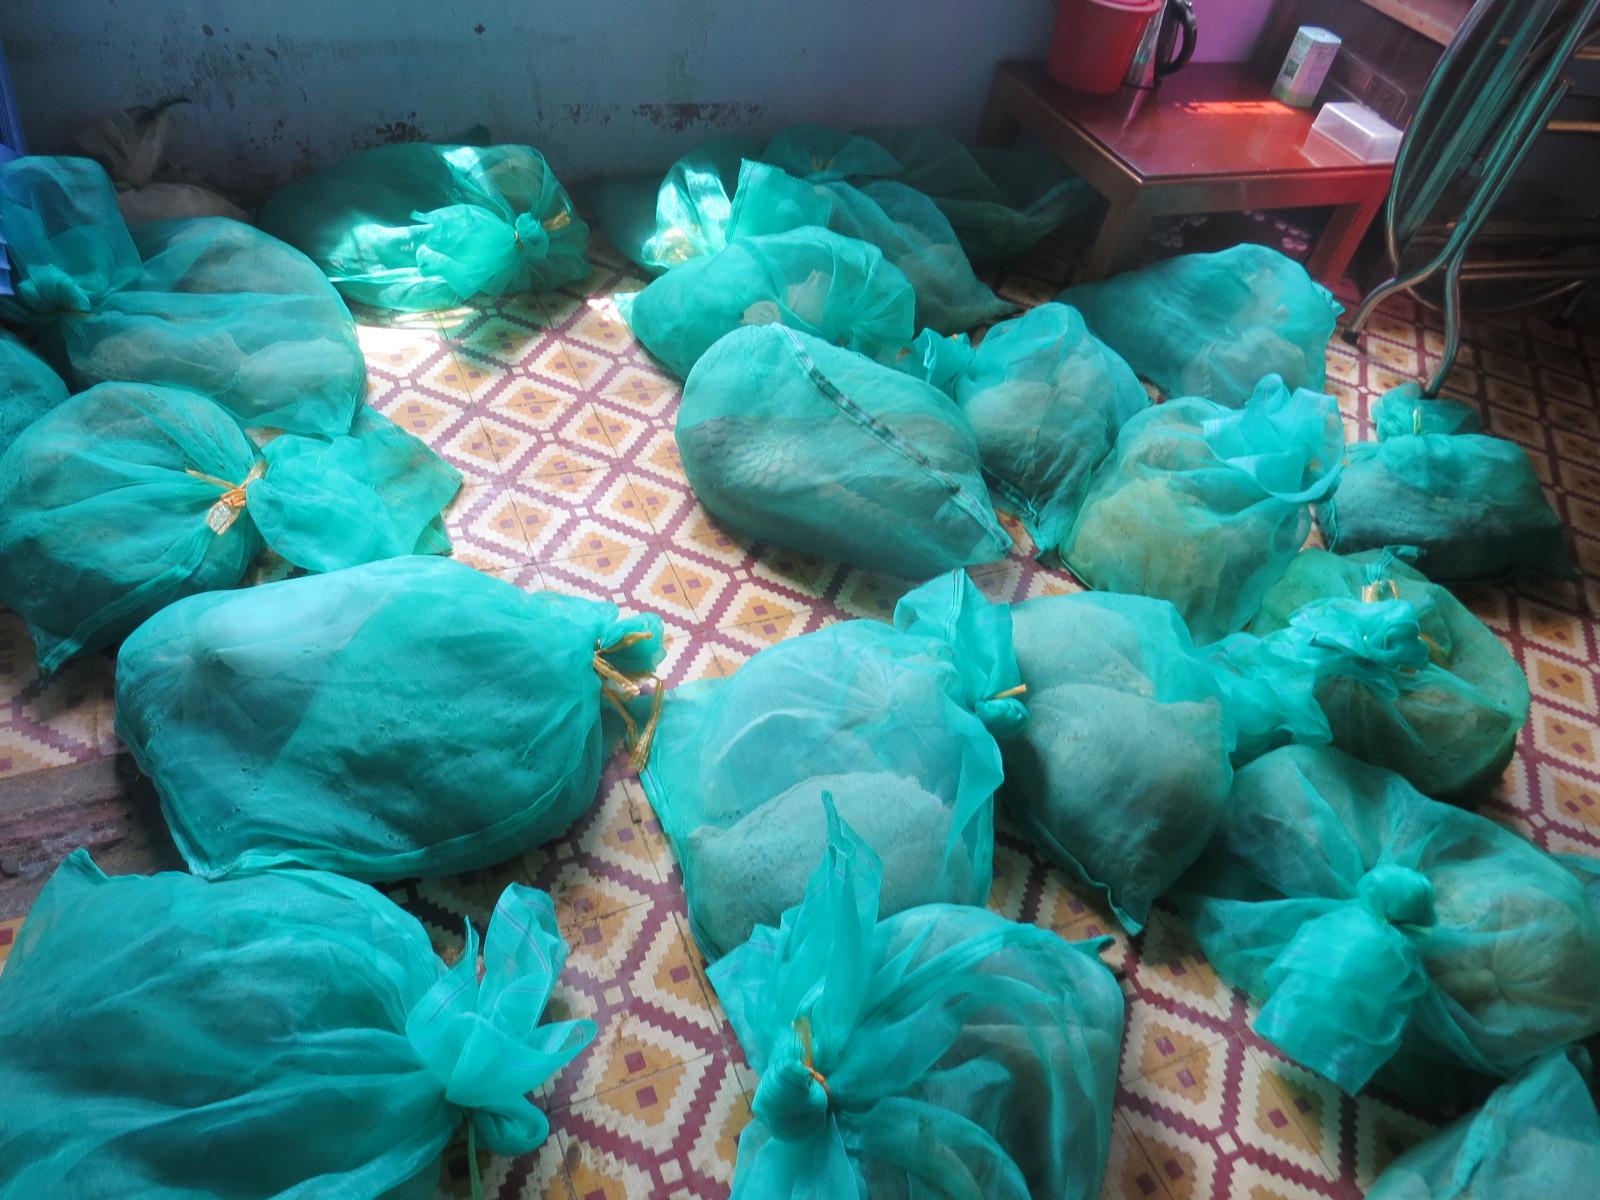 Bắt xe cứu thương chở lậu gần 256kg động vật hoang dã - Ảnh 1